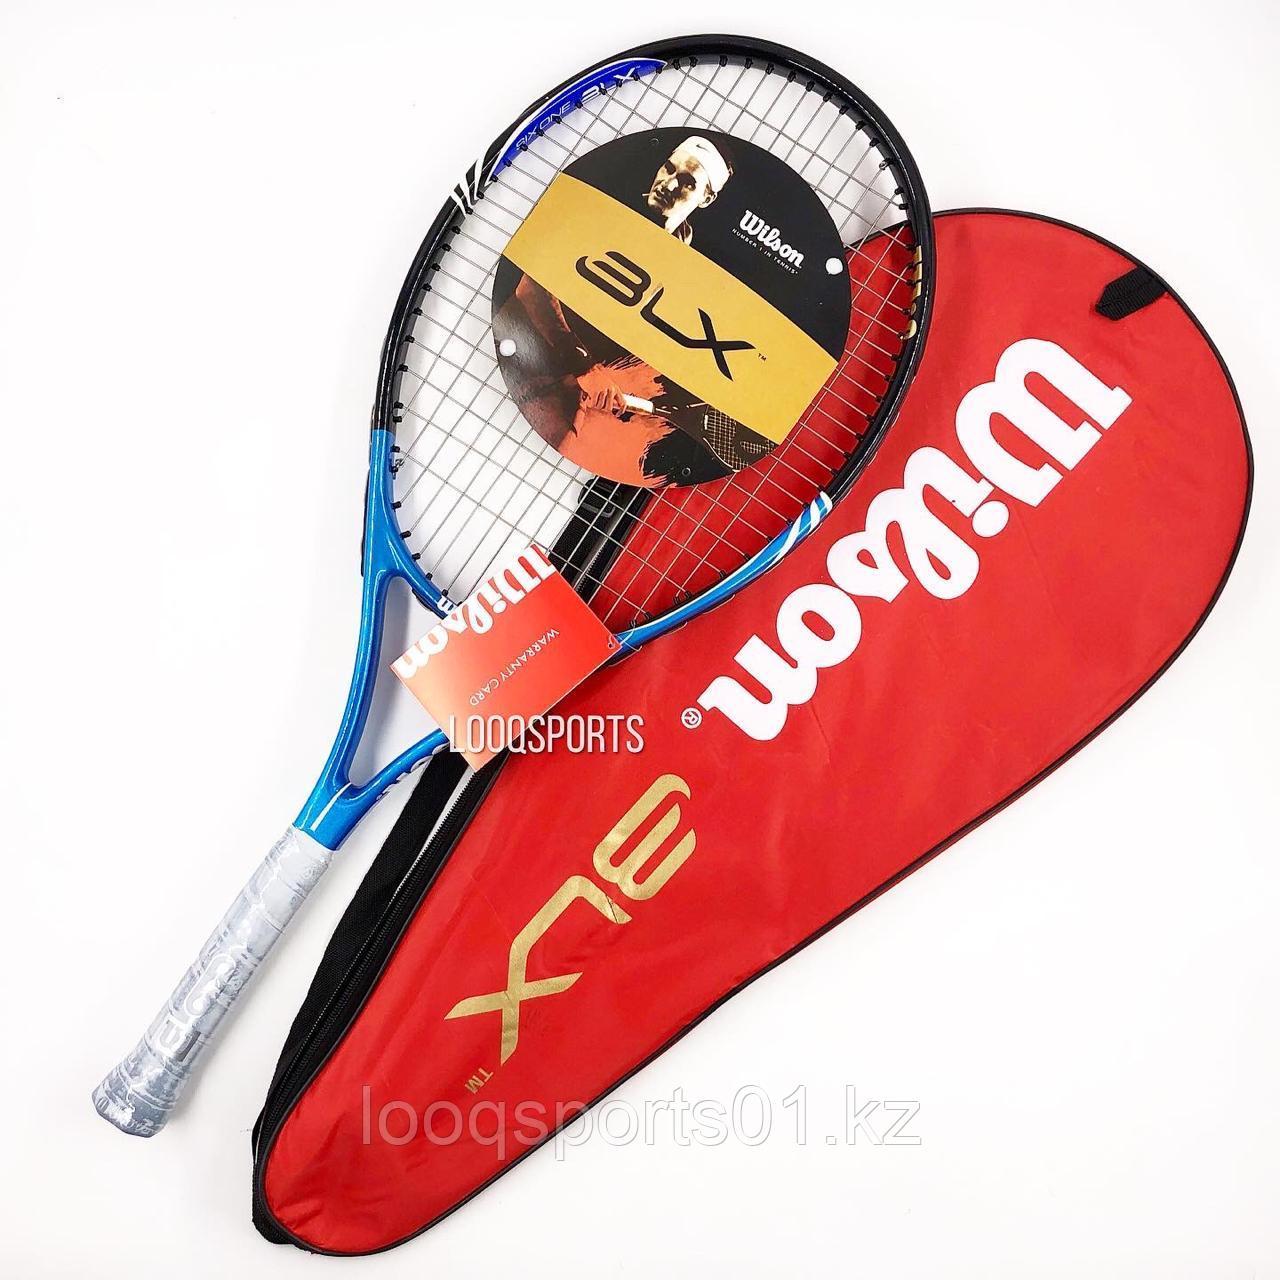 Ракетки для большого тенниса с чехлом Wilson